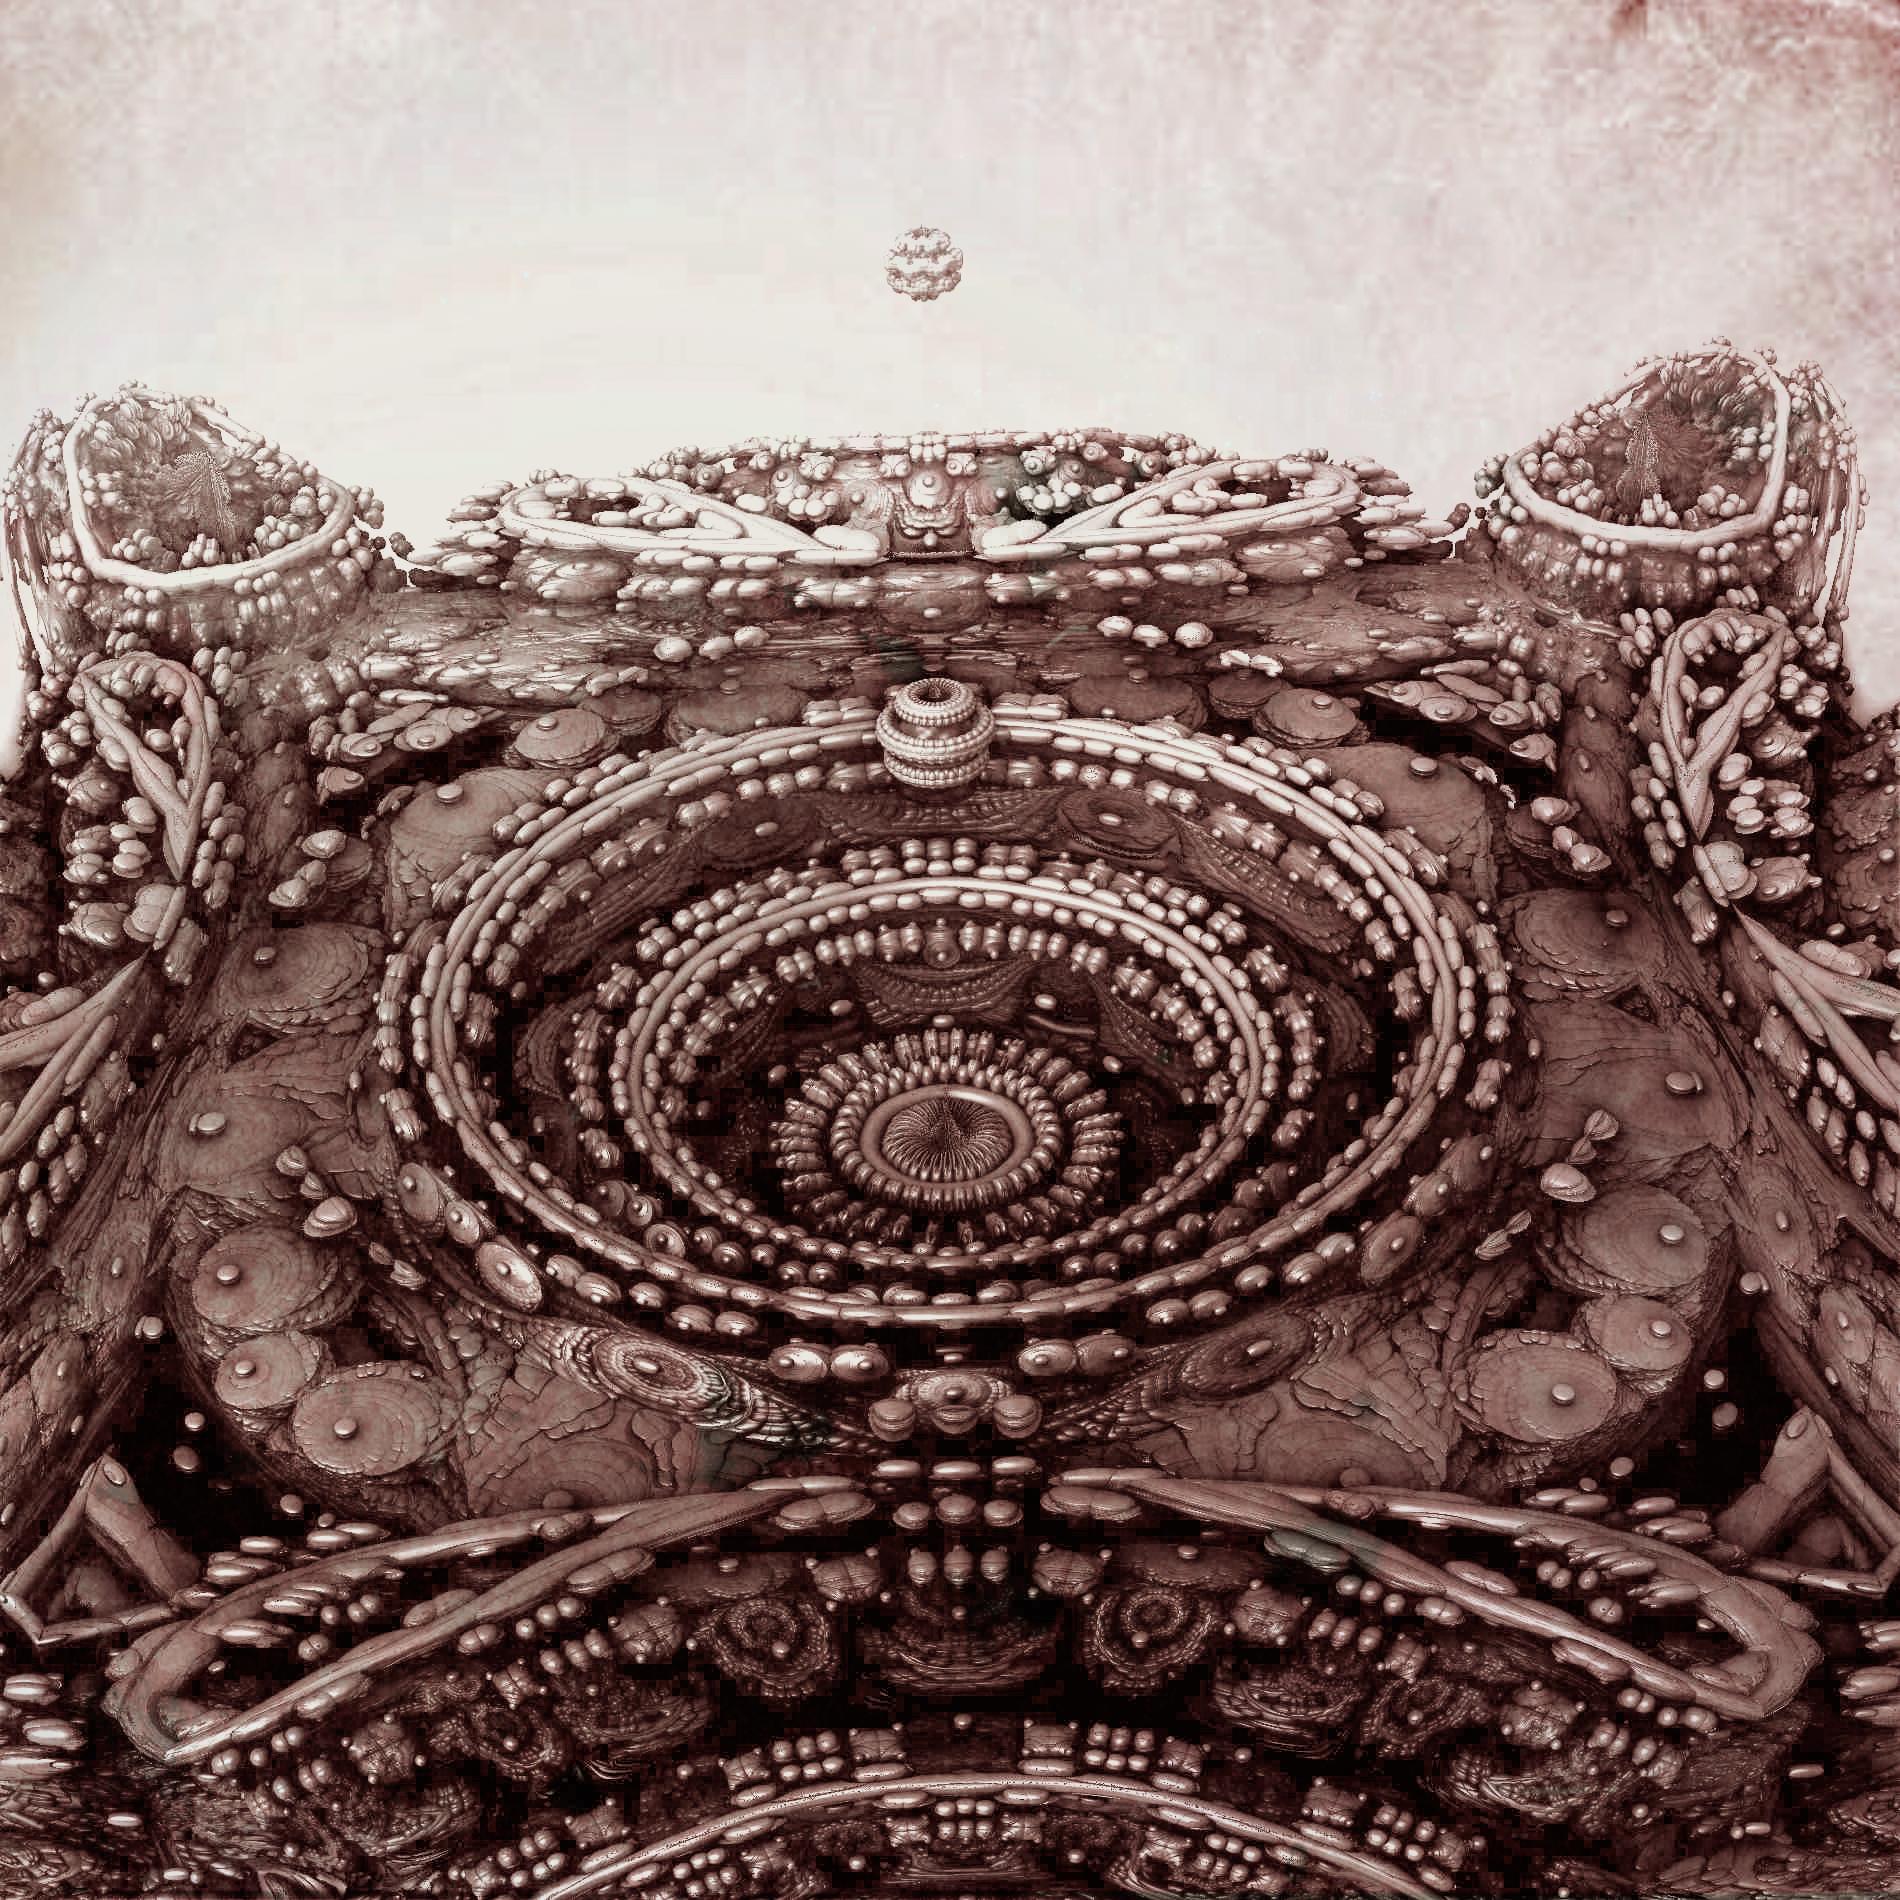 古代の遺跡 宇宙基地に宇宙船到着:モノクロ